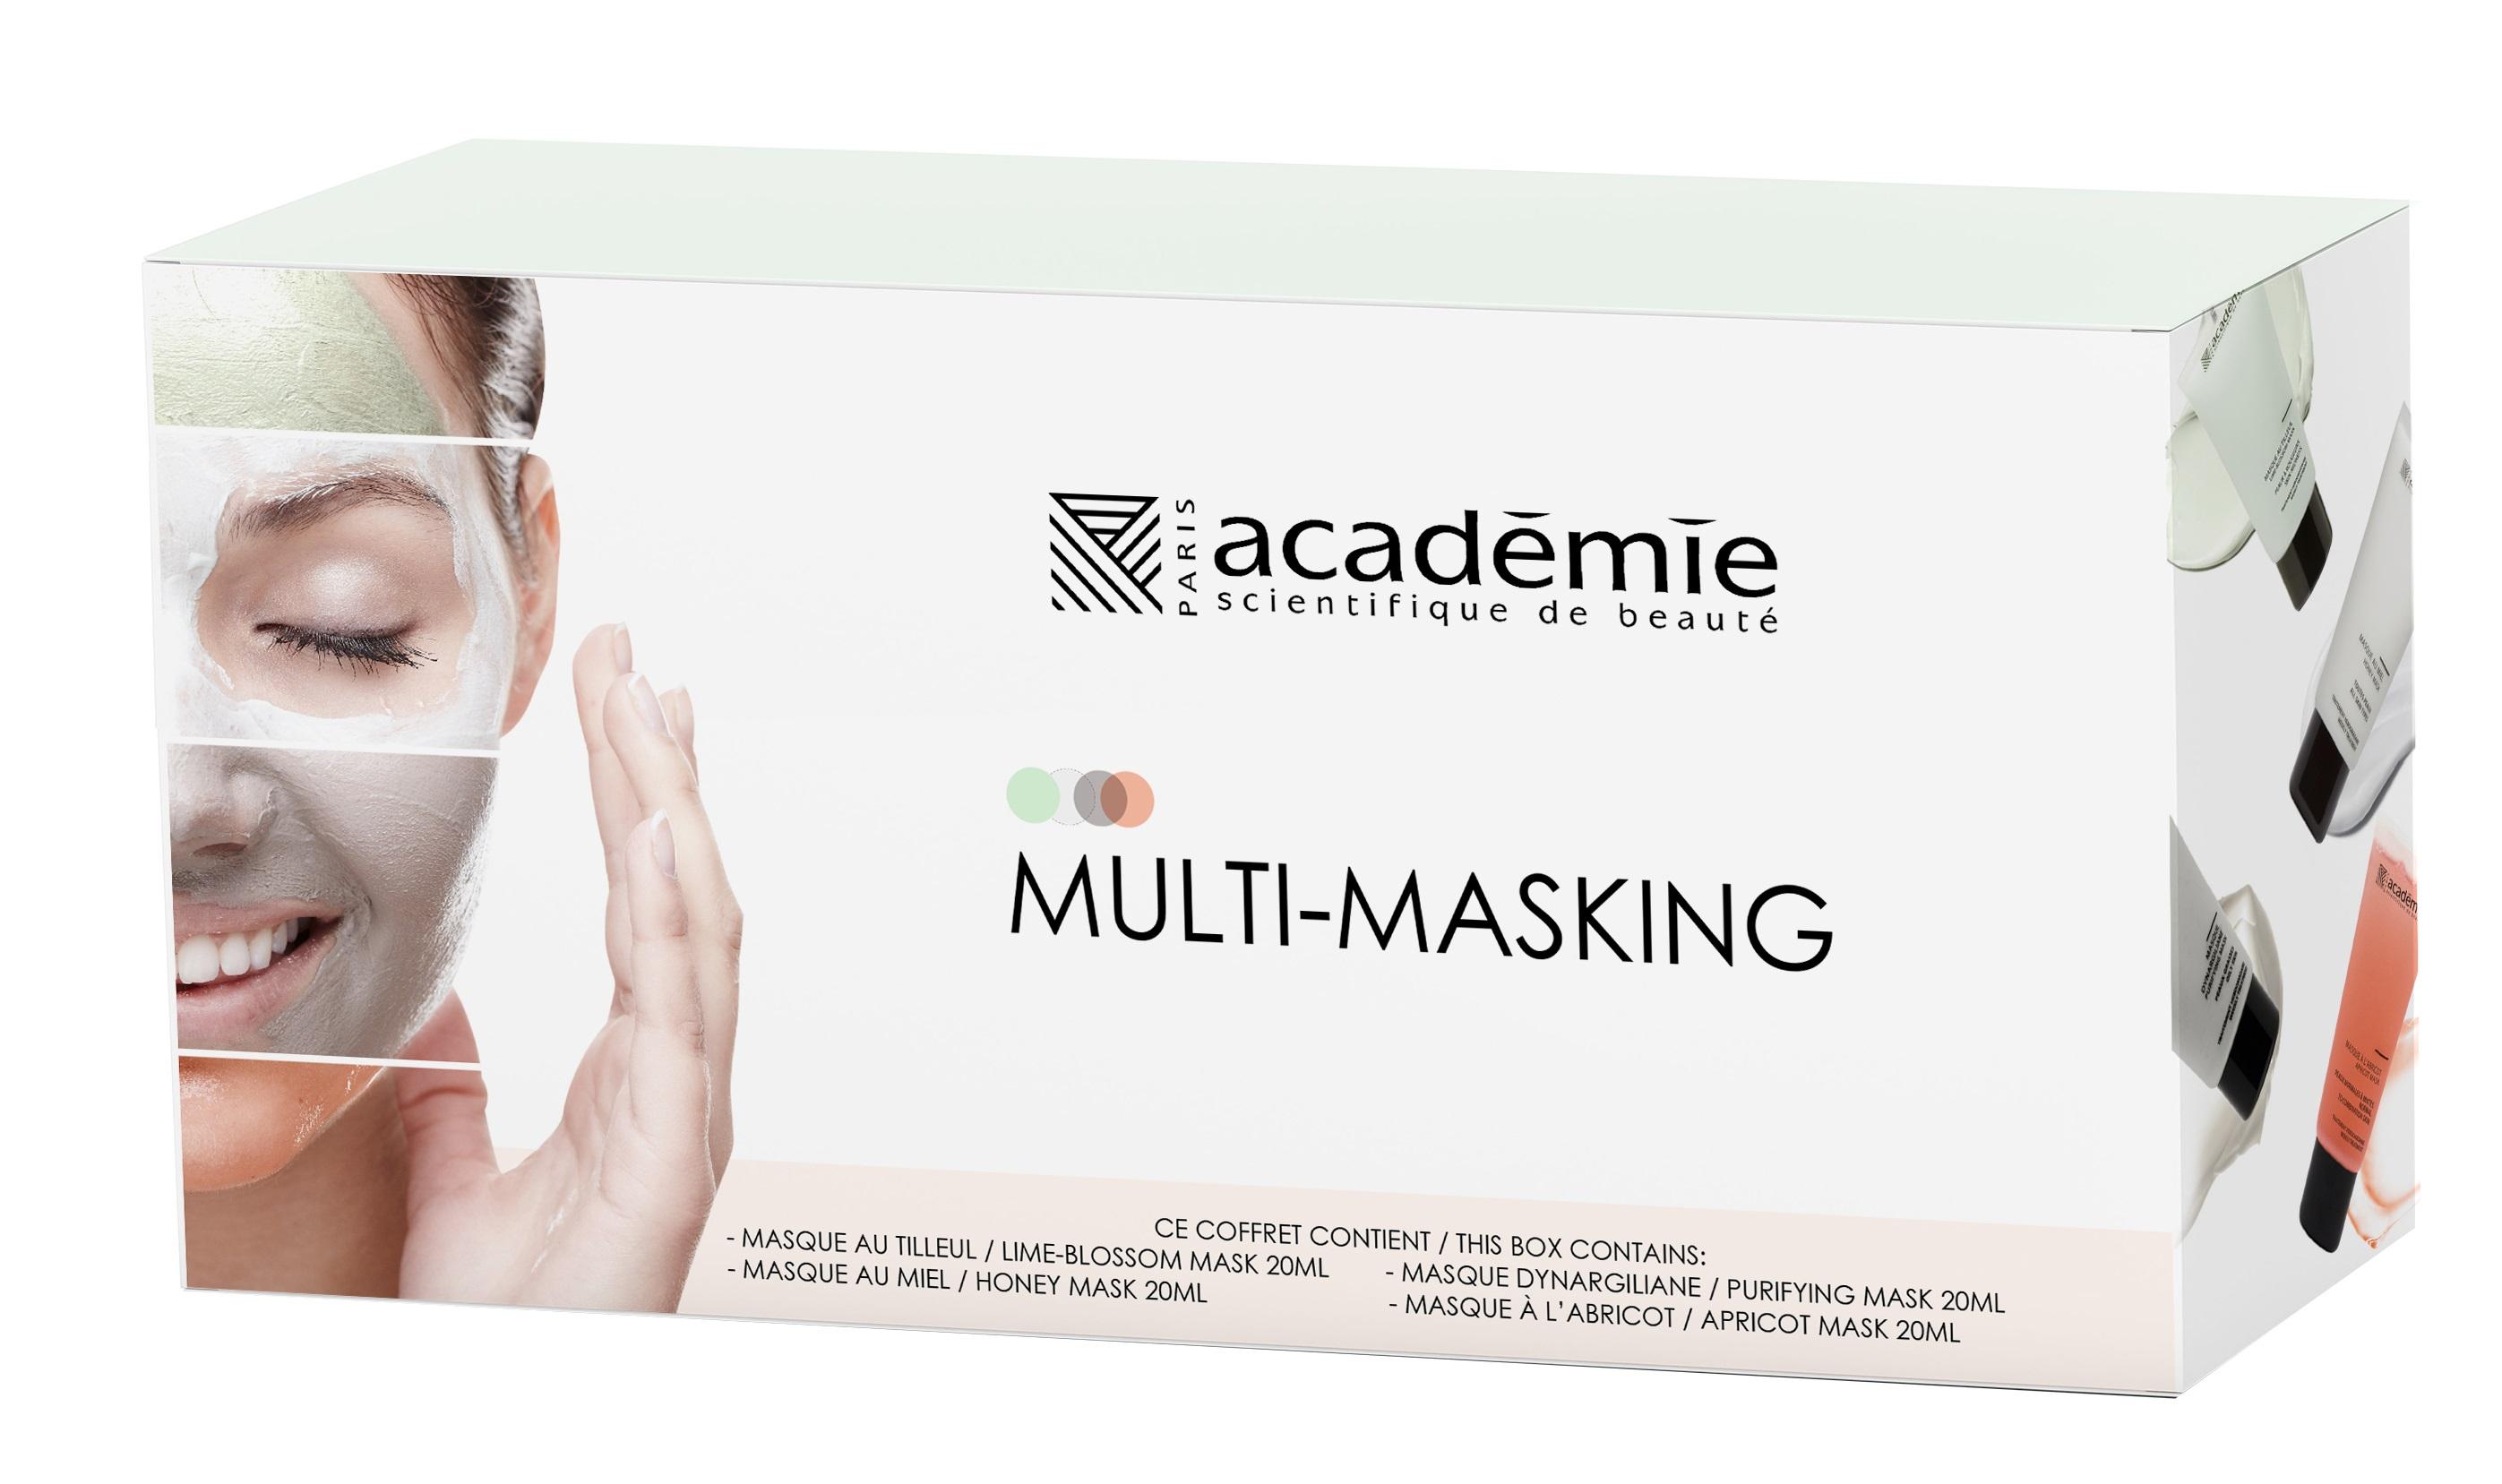 ACADEMIE Набор масок для лица Мультимаскинг (абрикосовая маска 20 мл, глиняная маска 20 мл, медовая маска 20 мл, липовая маска 20 мл) / Visage academie уход подтягивающий для лица и шеи visage 50мл